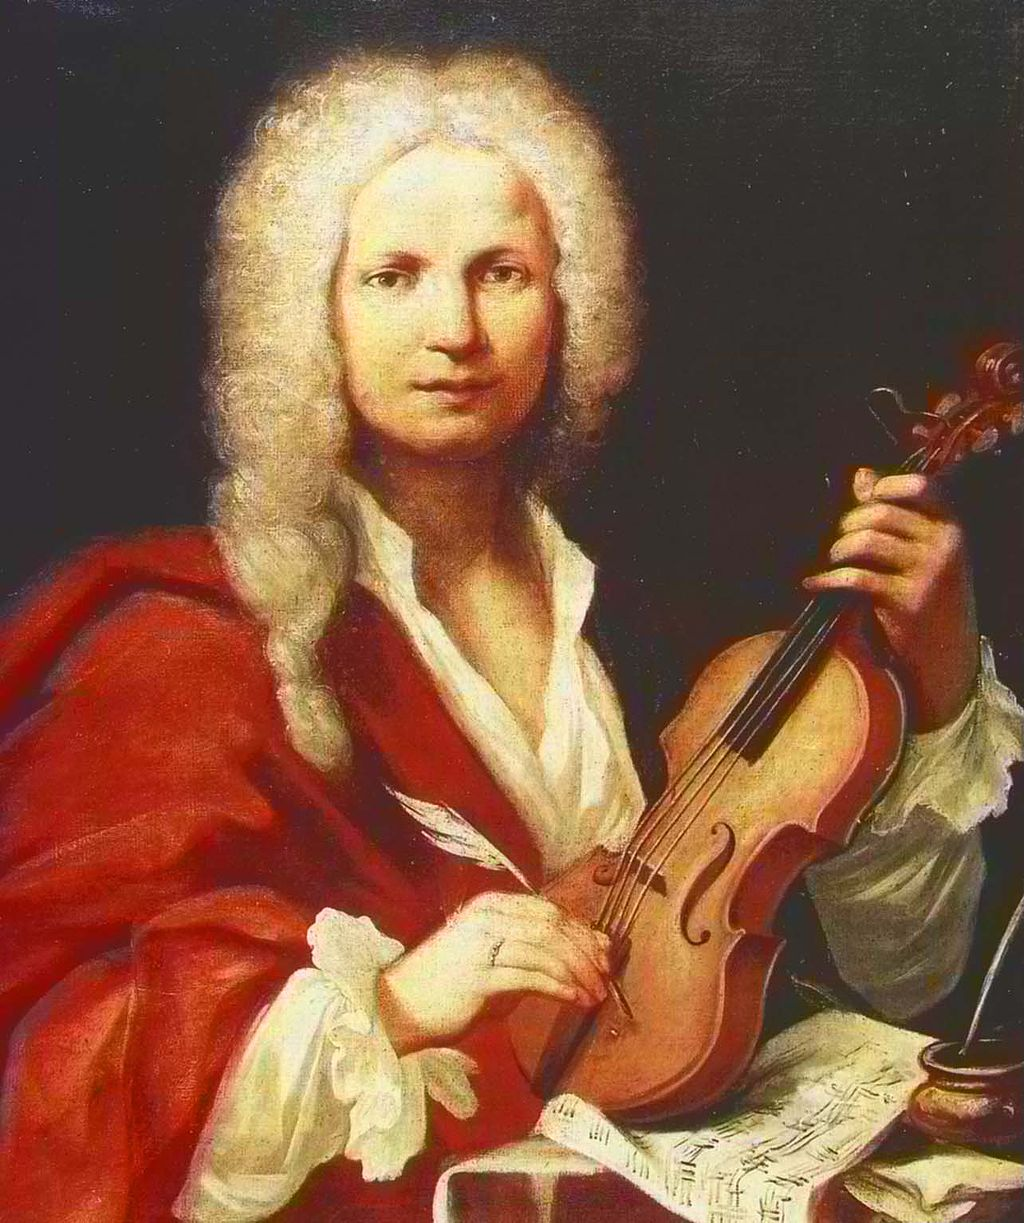 Composer and  maestro di violino  of the   Ospedale della Pietà,   Antonio Vivaldi.